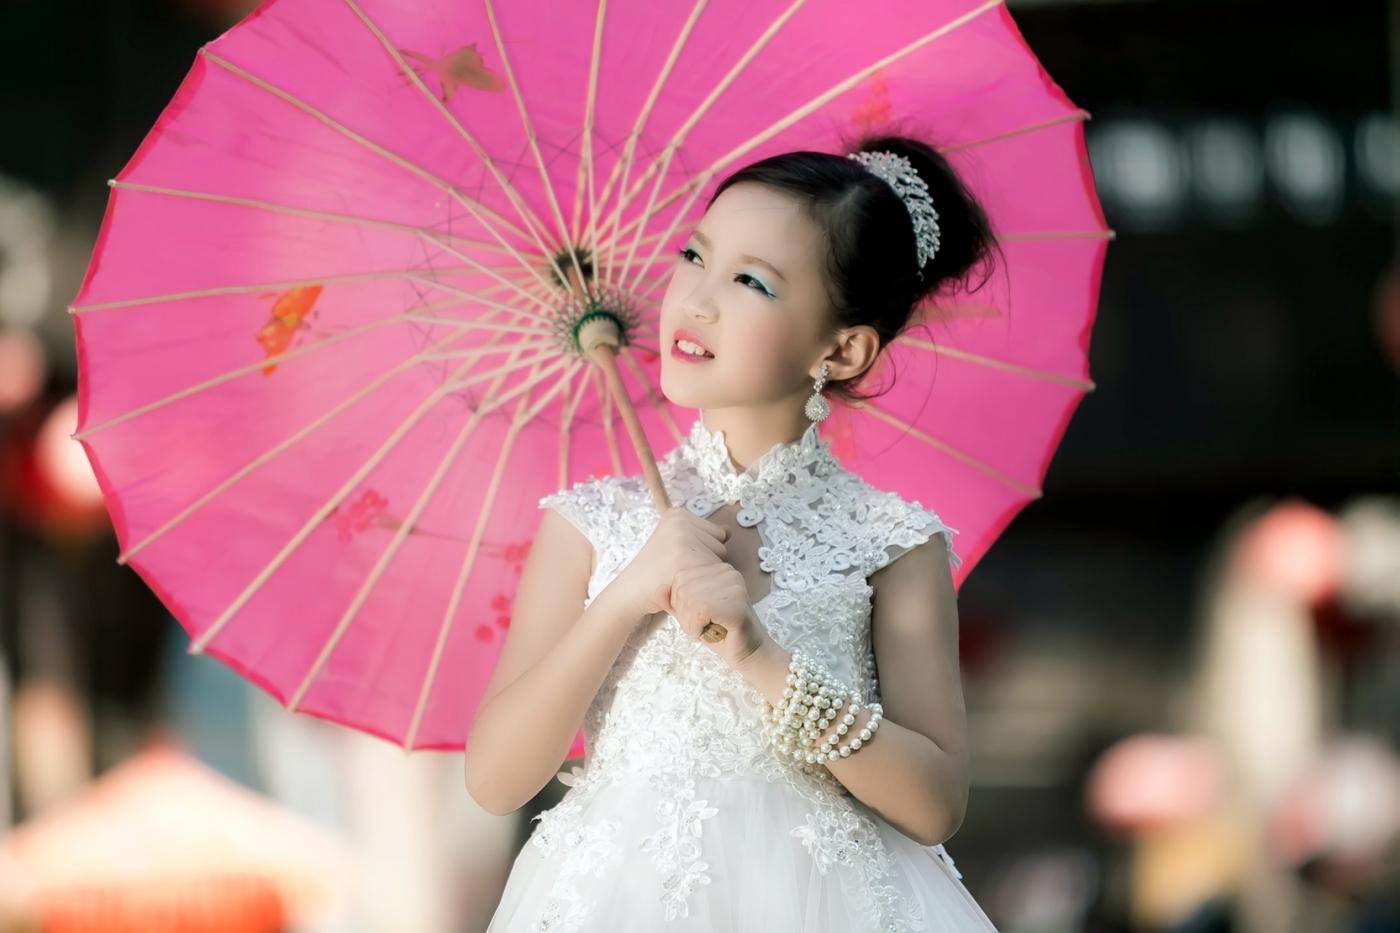 沂蒙娃娃穿上礼服走上show台 有个女孩特别萌 礼仪就要从娃娃抓起 ..._图1-21